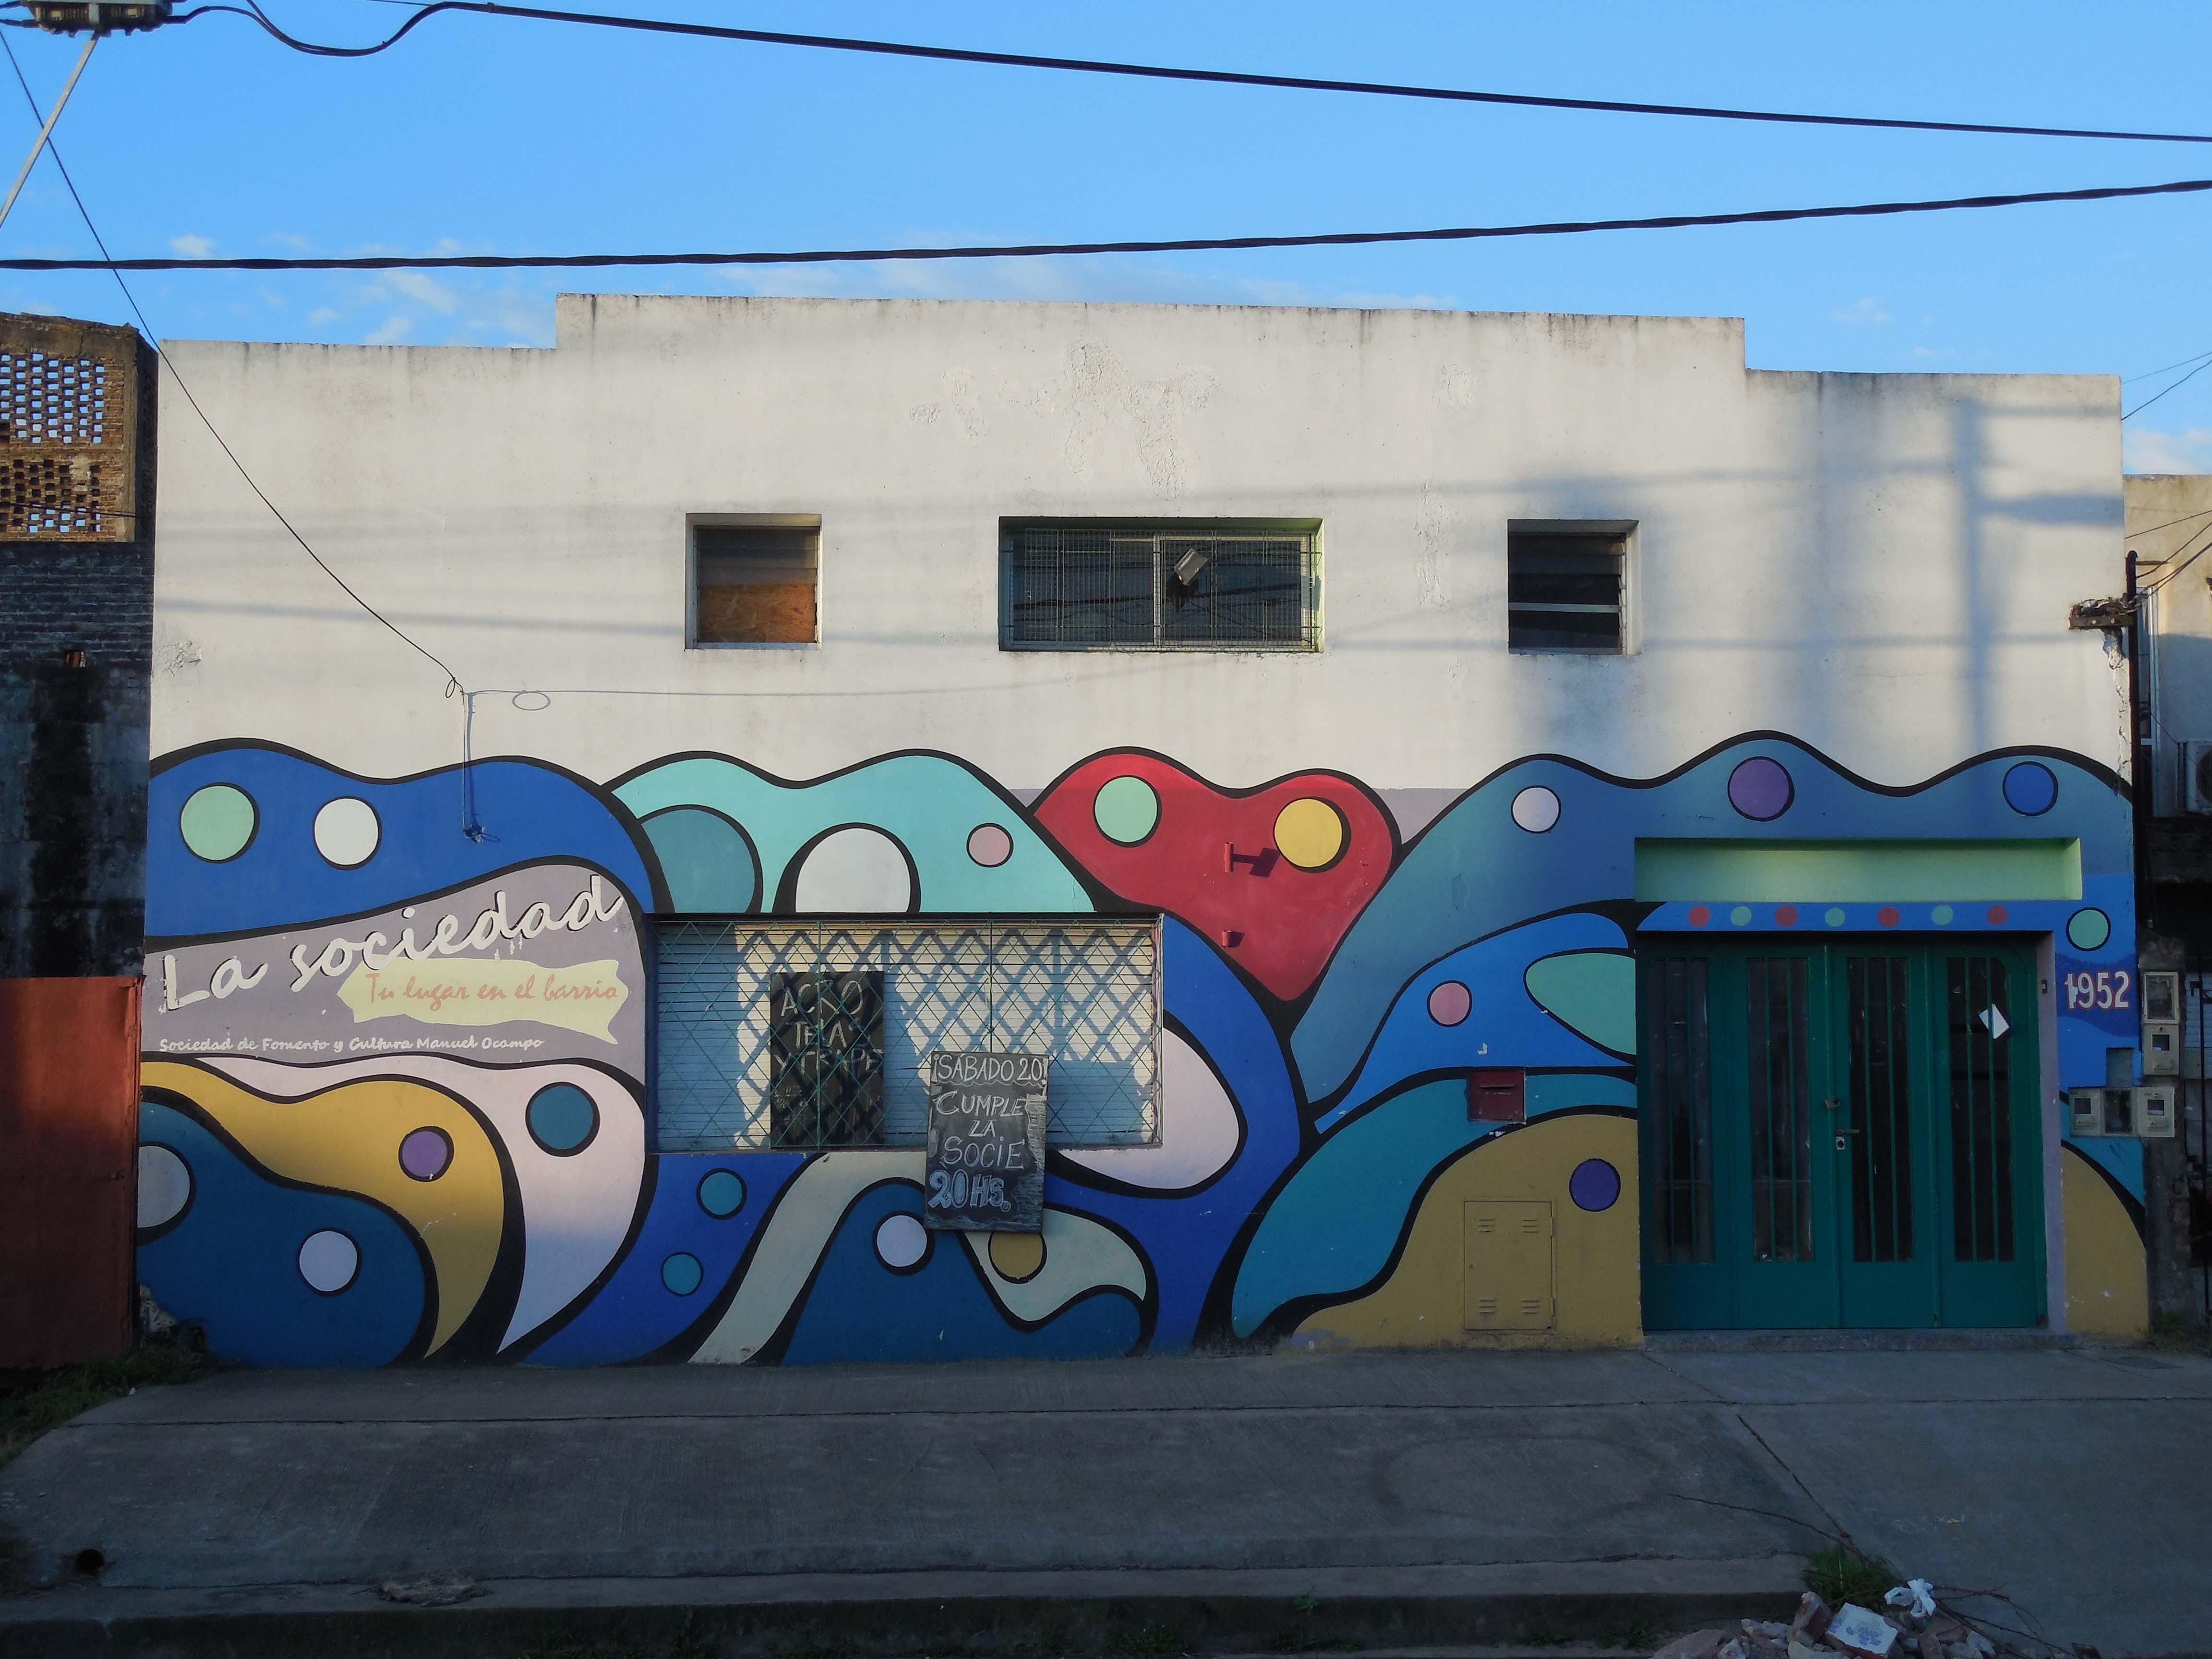 Fachada - Centro Cultural La Sociedad / Sociedad de Fomento y Cultura Manuel Ocampo